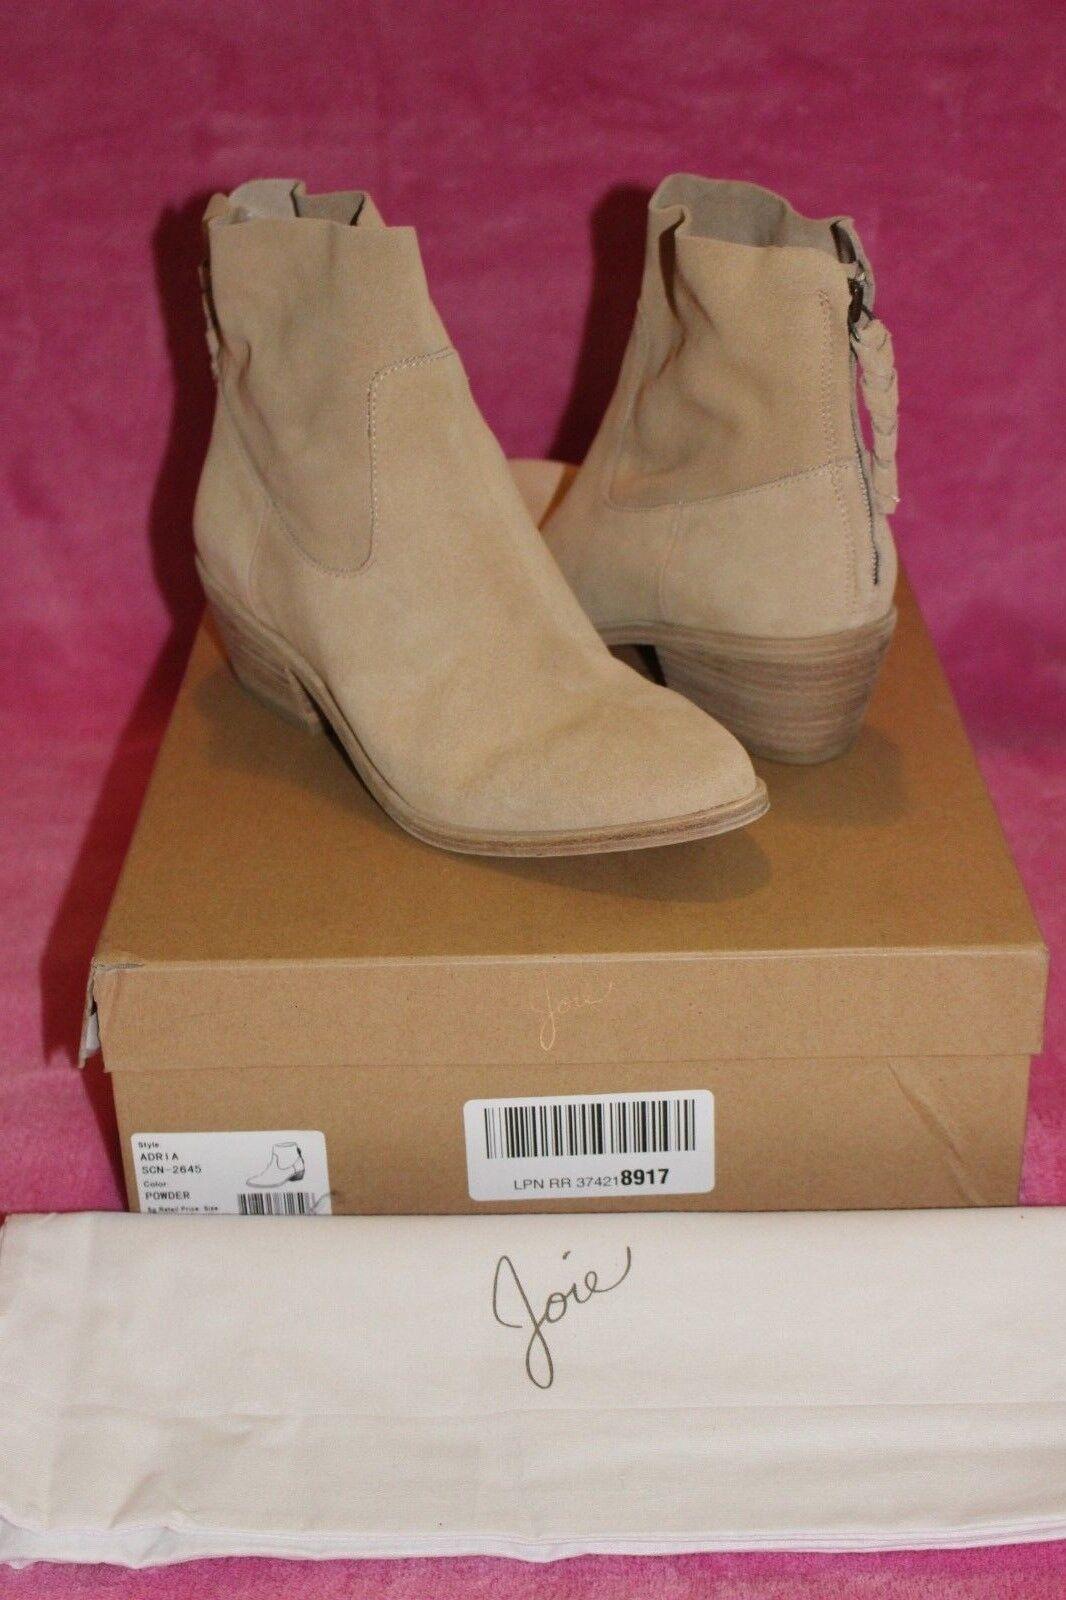 Nuevo     298 Joie Adriá botas de gamuza en polvo de Color, tamaño 38  tienda de bajo costo